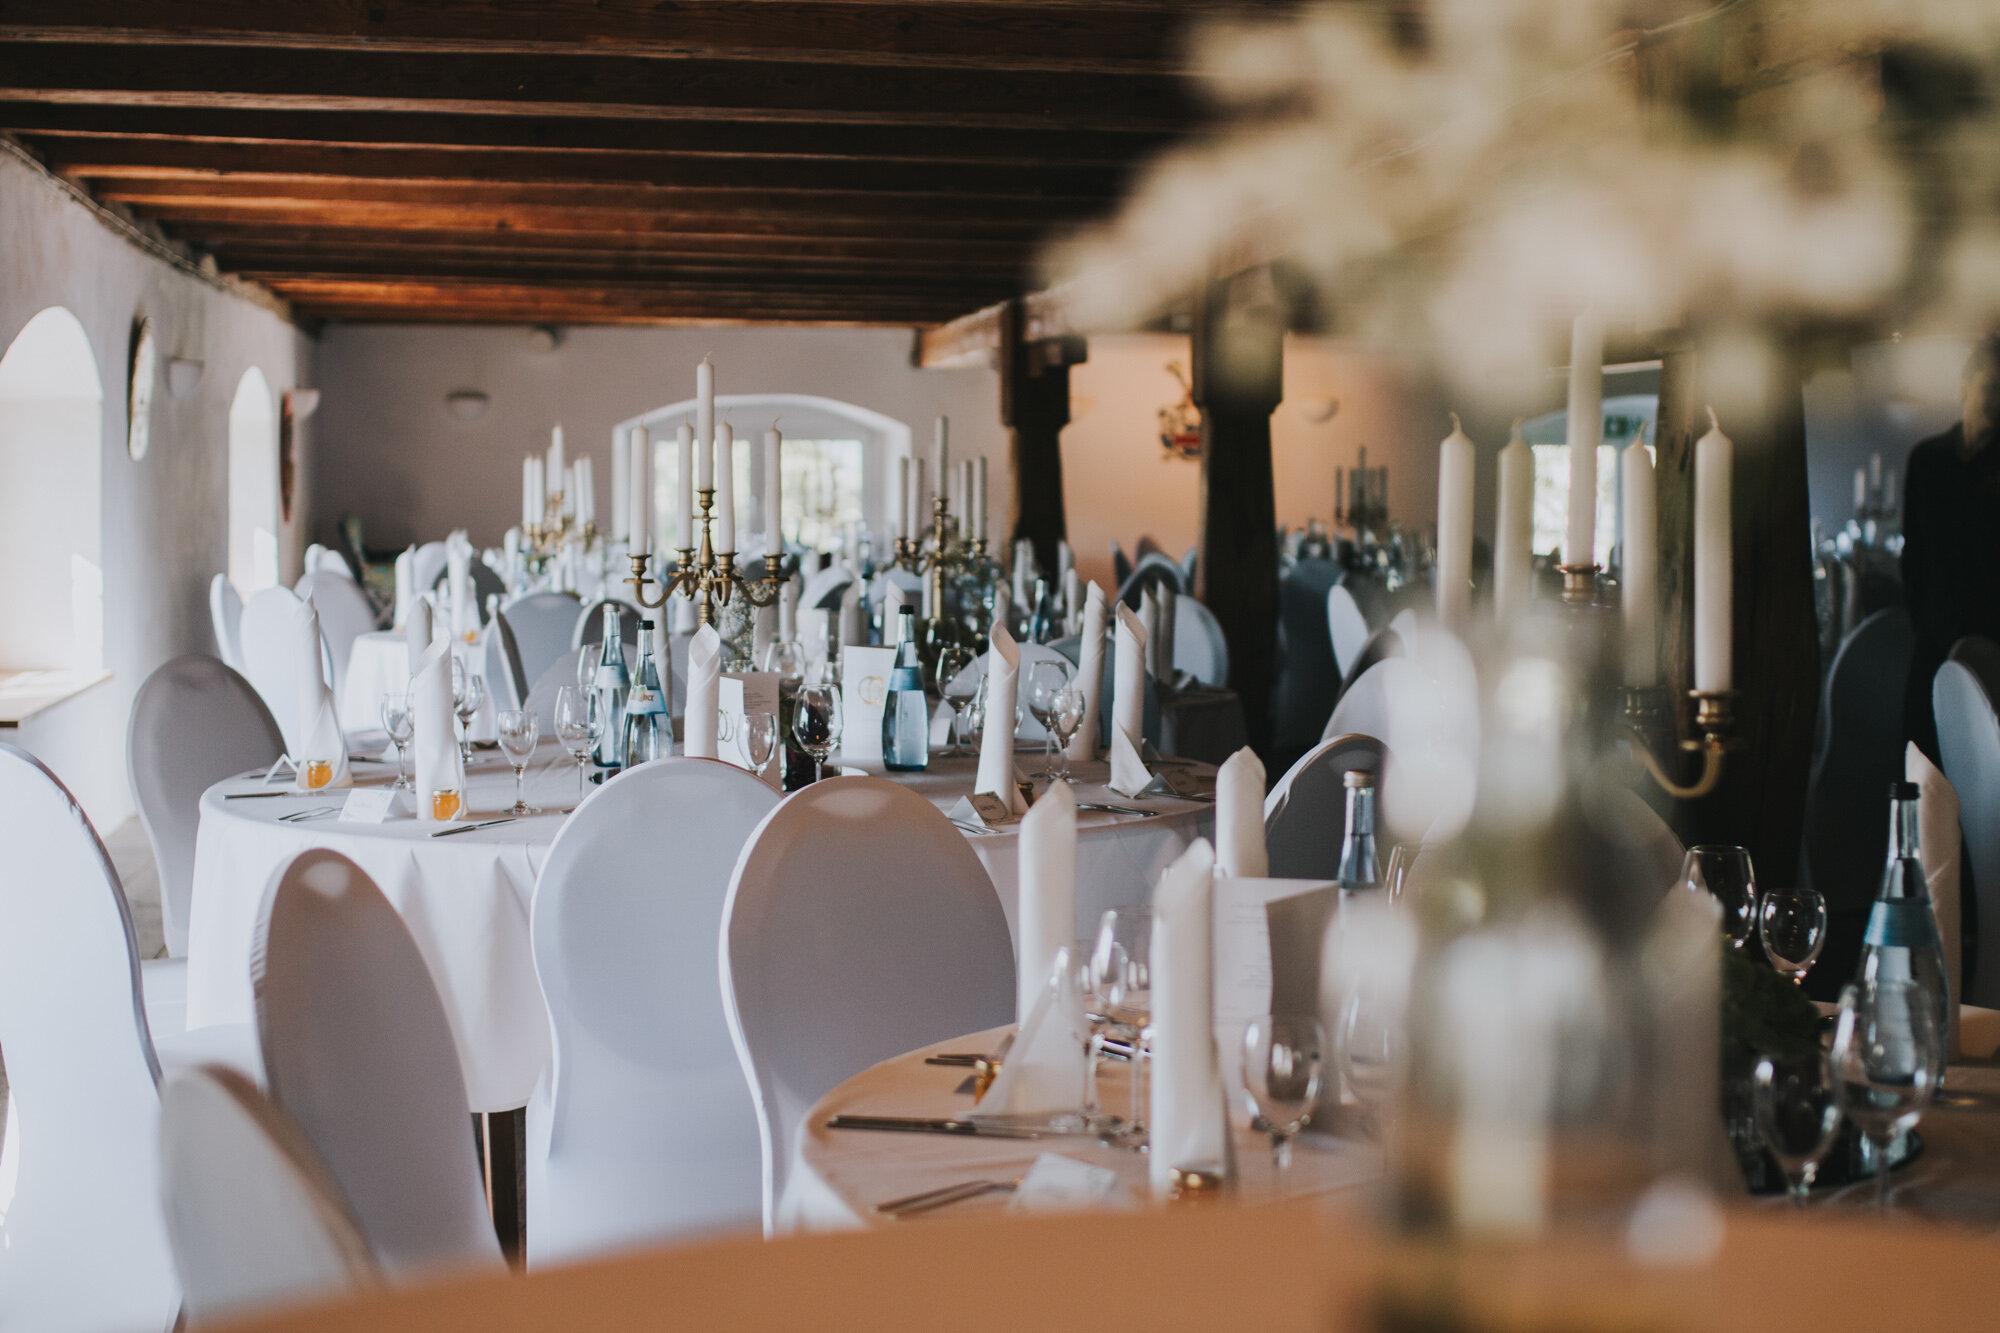 emory-factory-Hochzeit-2019-06-01-58.jpg